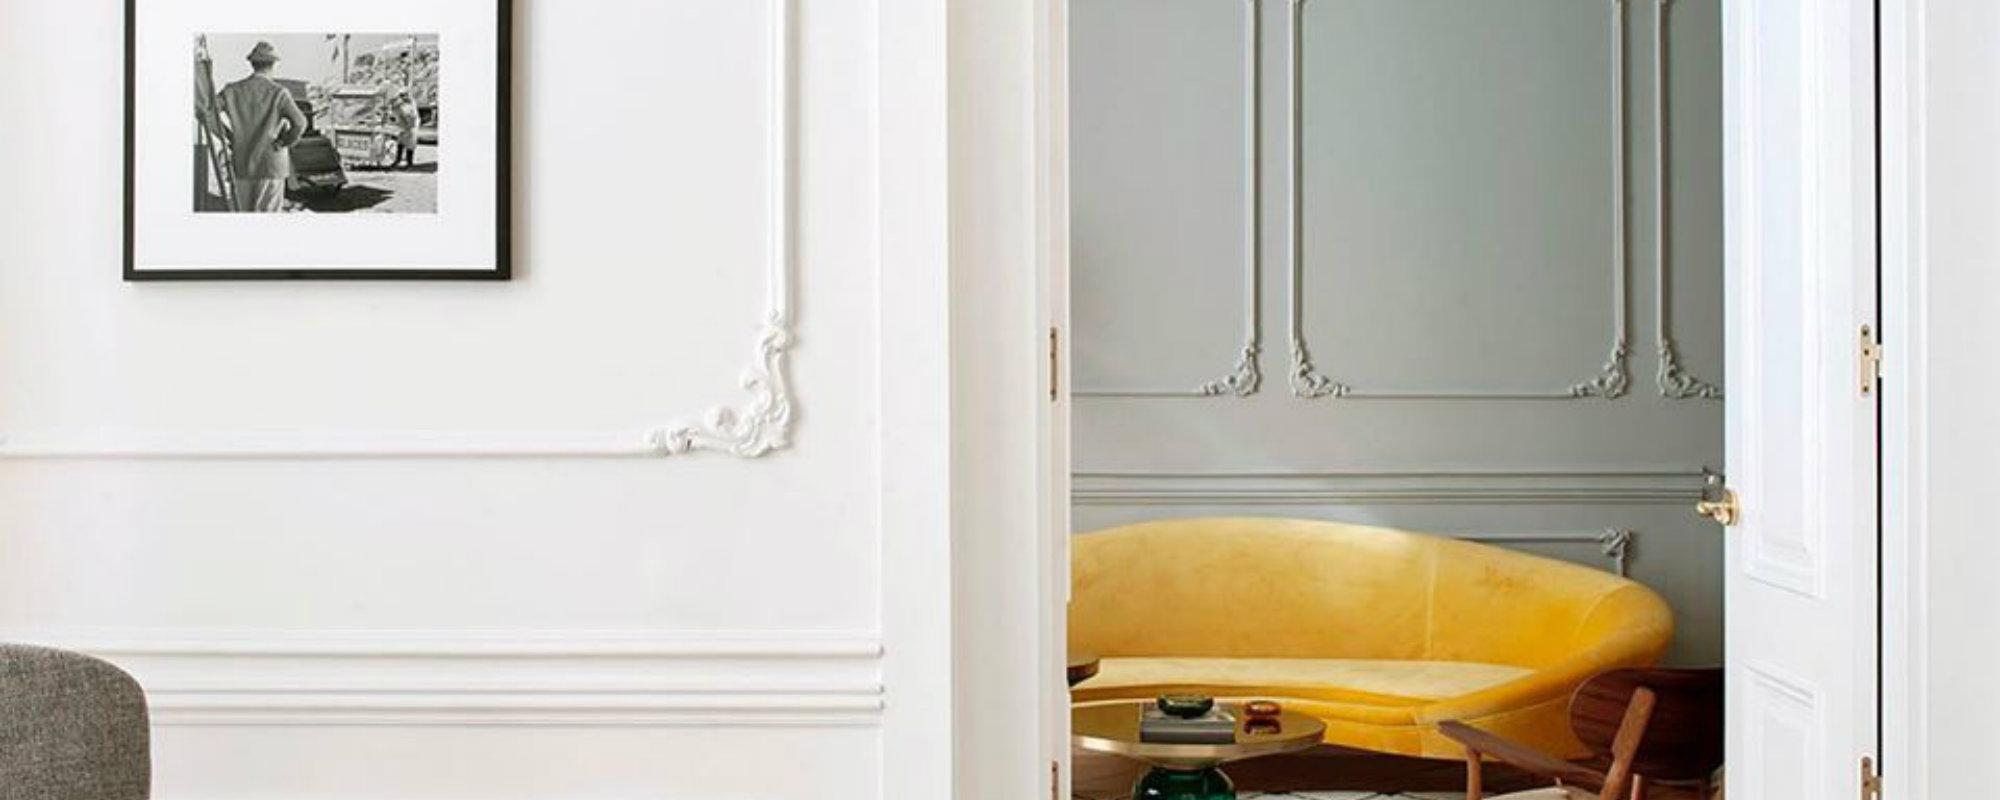 CASA DECOR 2020: Los diseñadores de interiores que crean proyectos lujuosos casa decor CASA DECOR 2020: Los diseñadores de interiores que crean proyectos lujuosos Featured 16